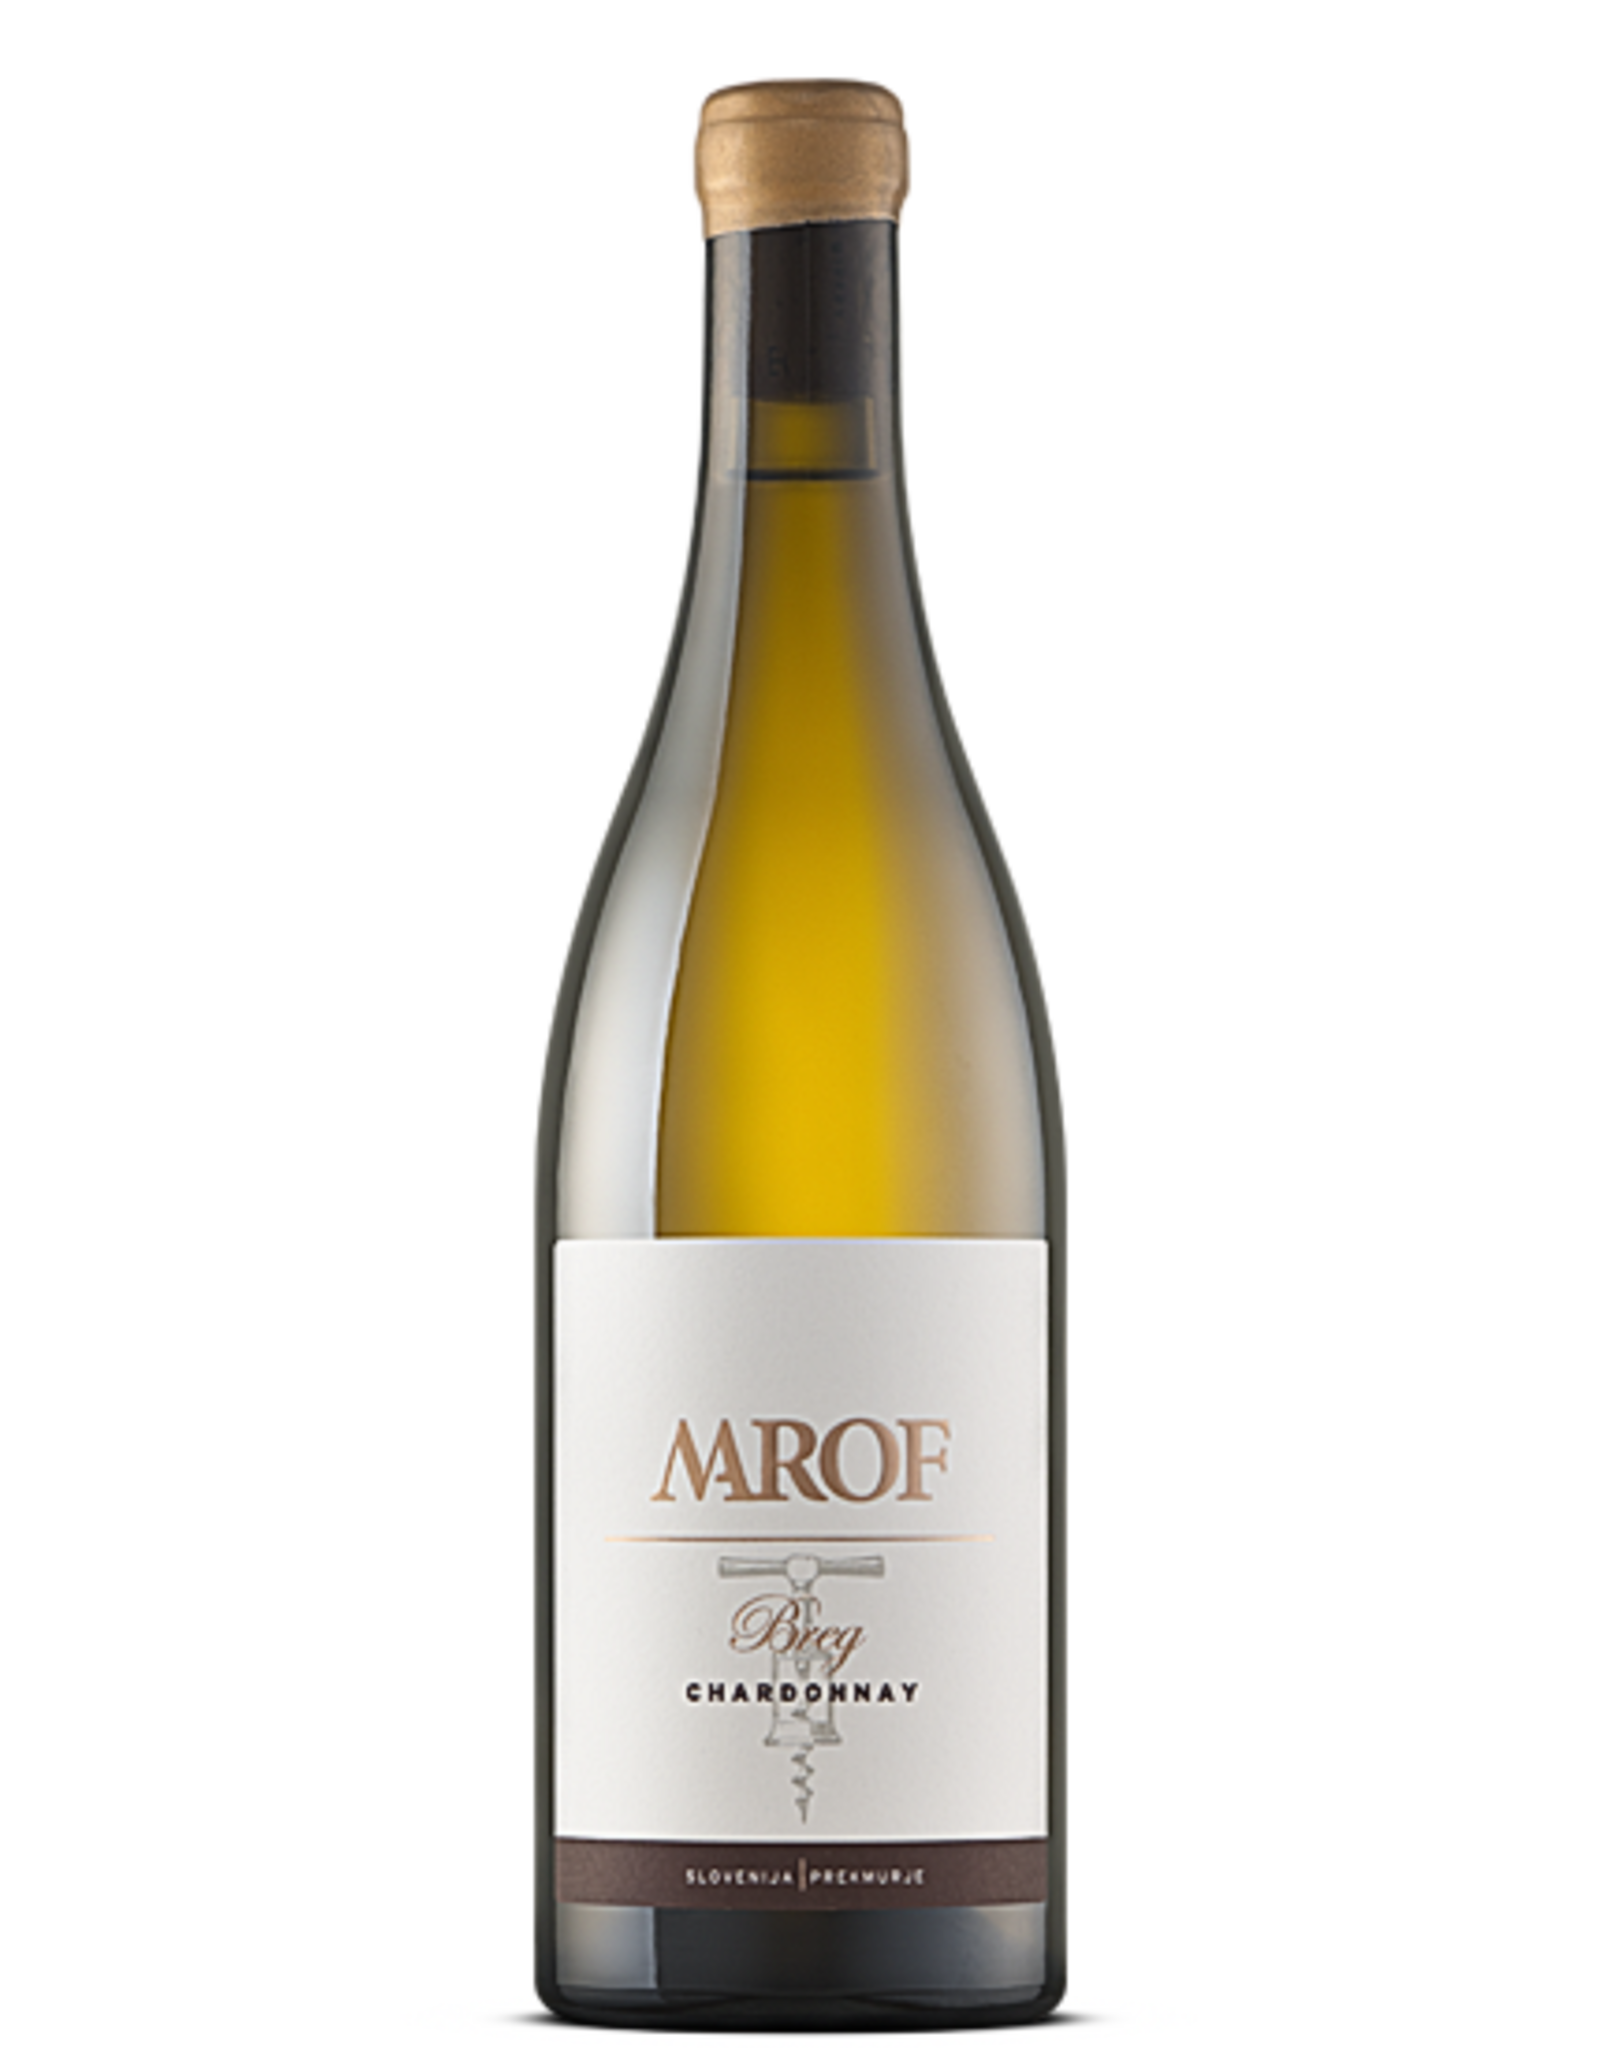 Marof Marof Breg Chardonnay 2016